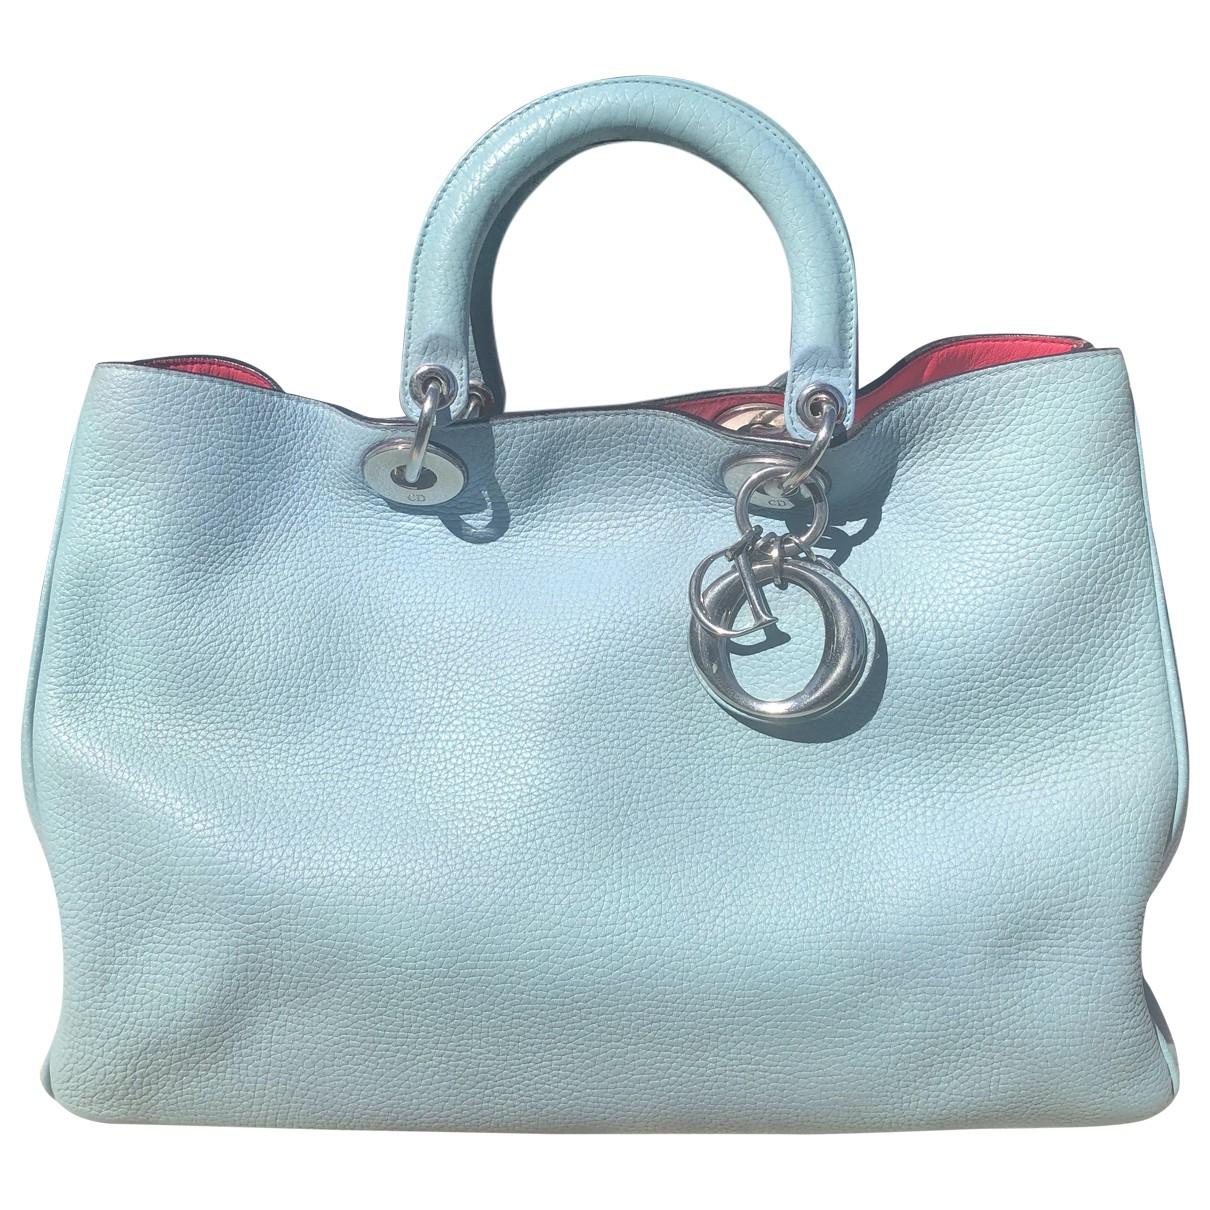 Dior - Sac a main Diorissimo pour femme en cuir - bleu